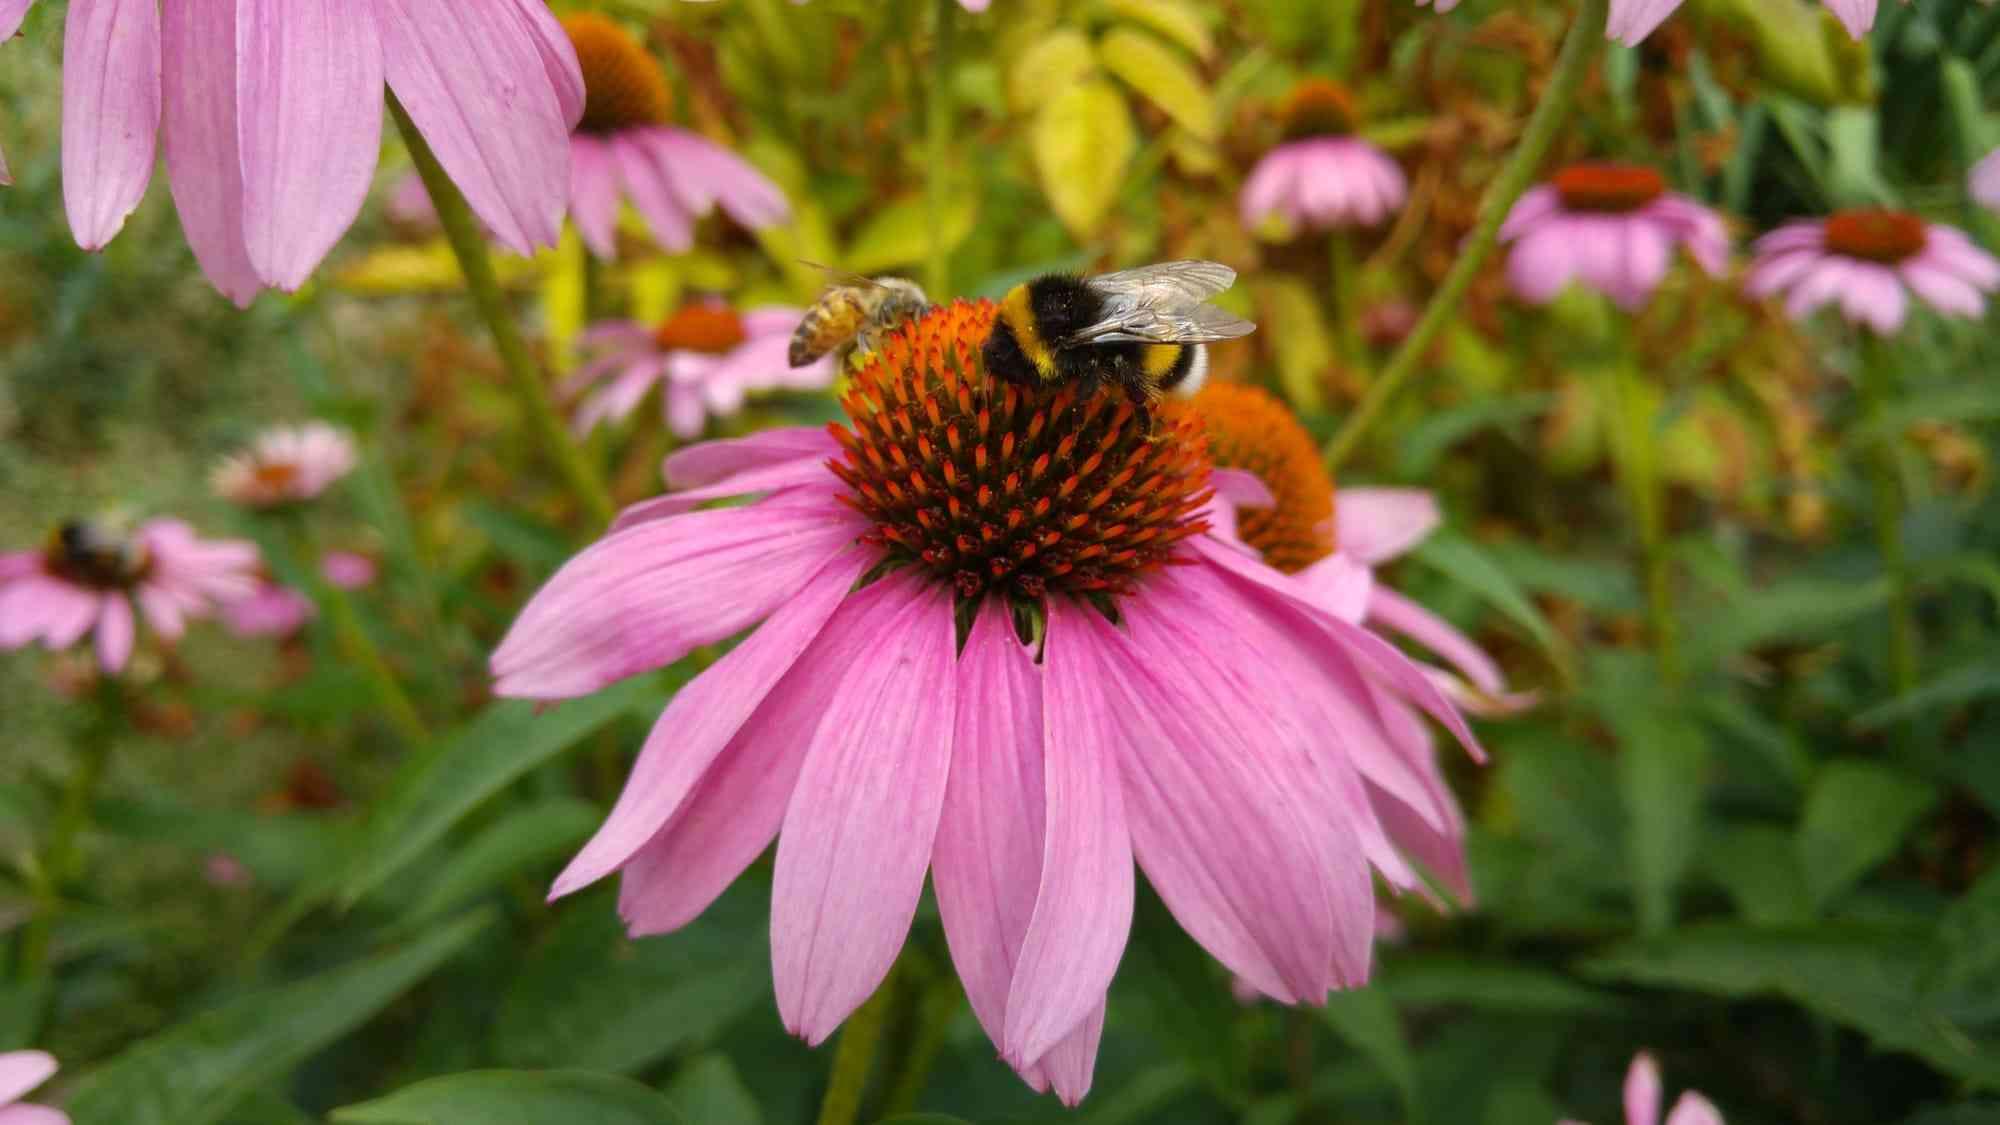 Bumblebee and Honey Bee on Echinacea